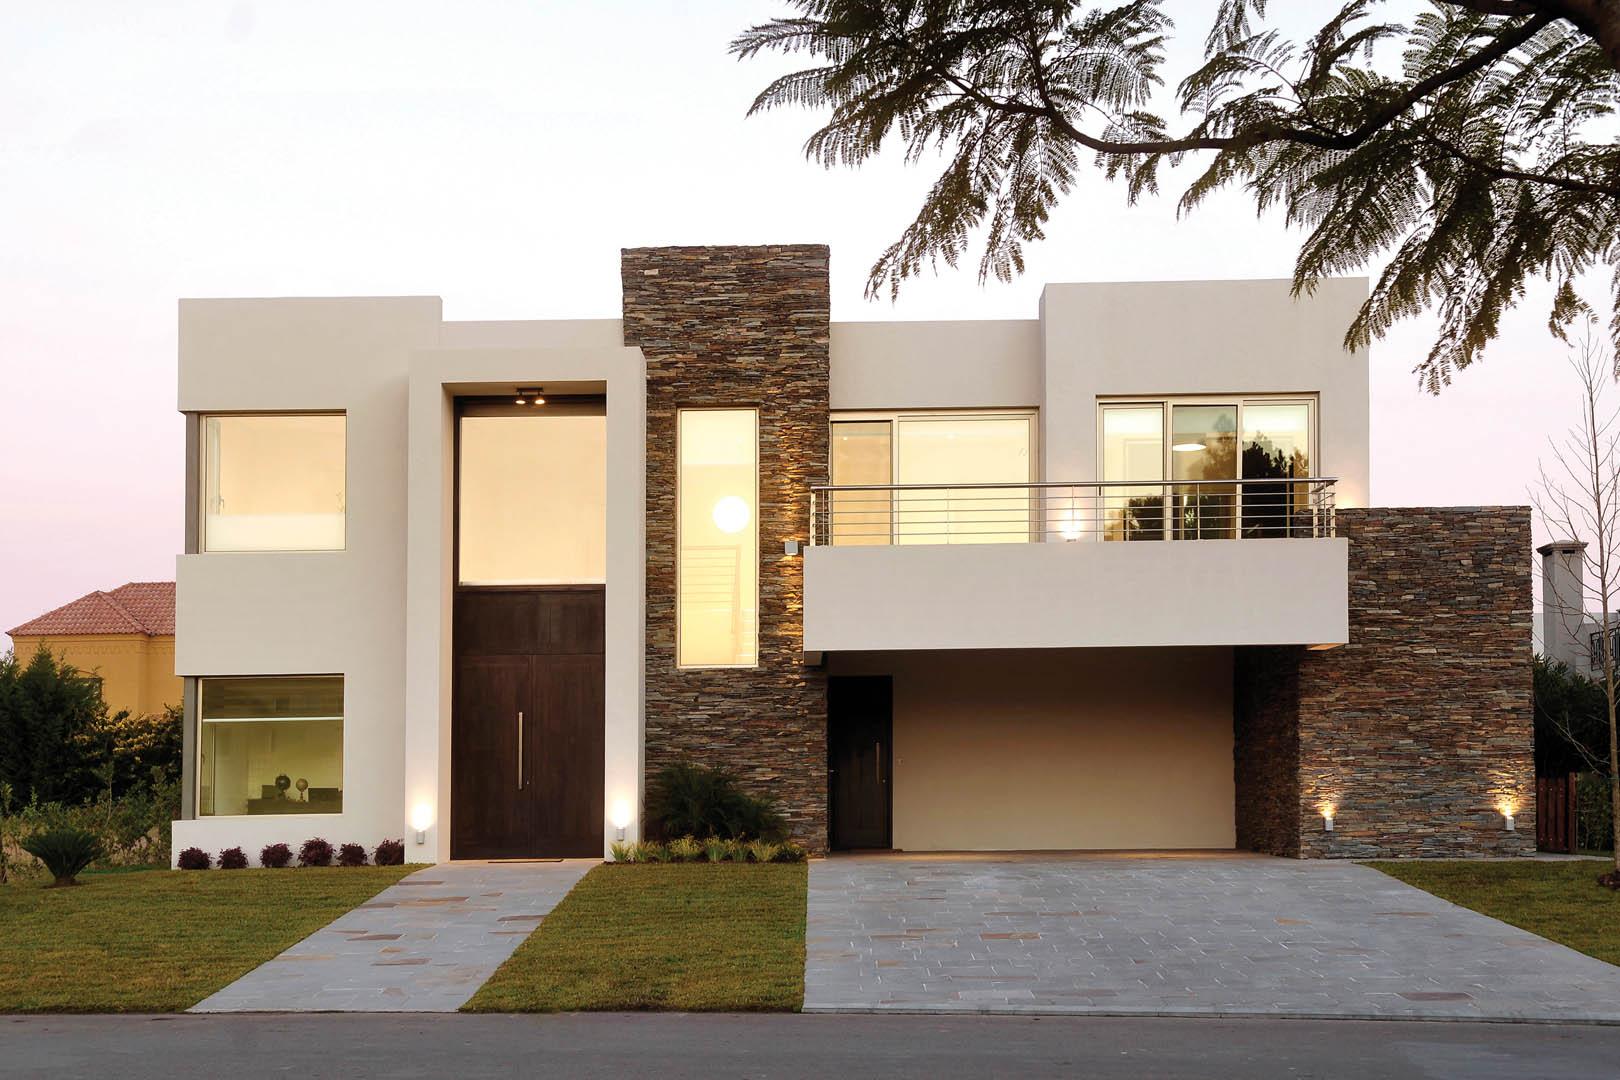 Arquitectos modernos casas modernas cubos tejados fondos - Arquitectos casas modernas ...